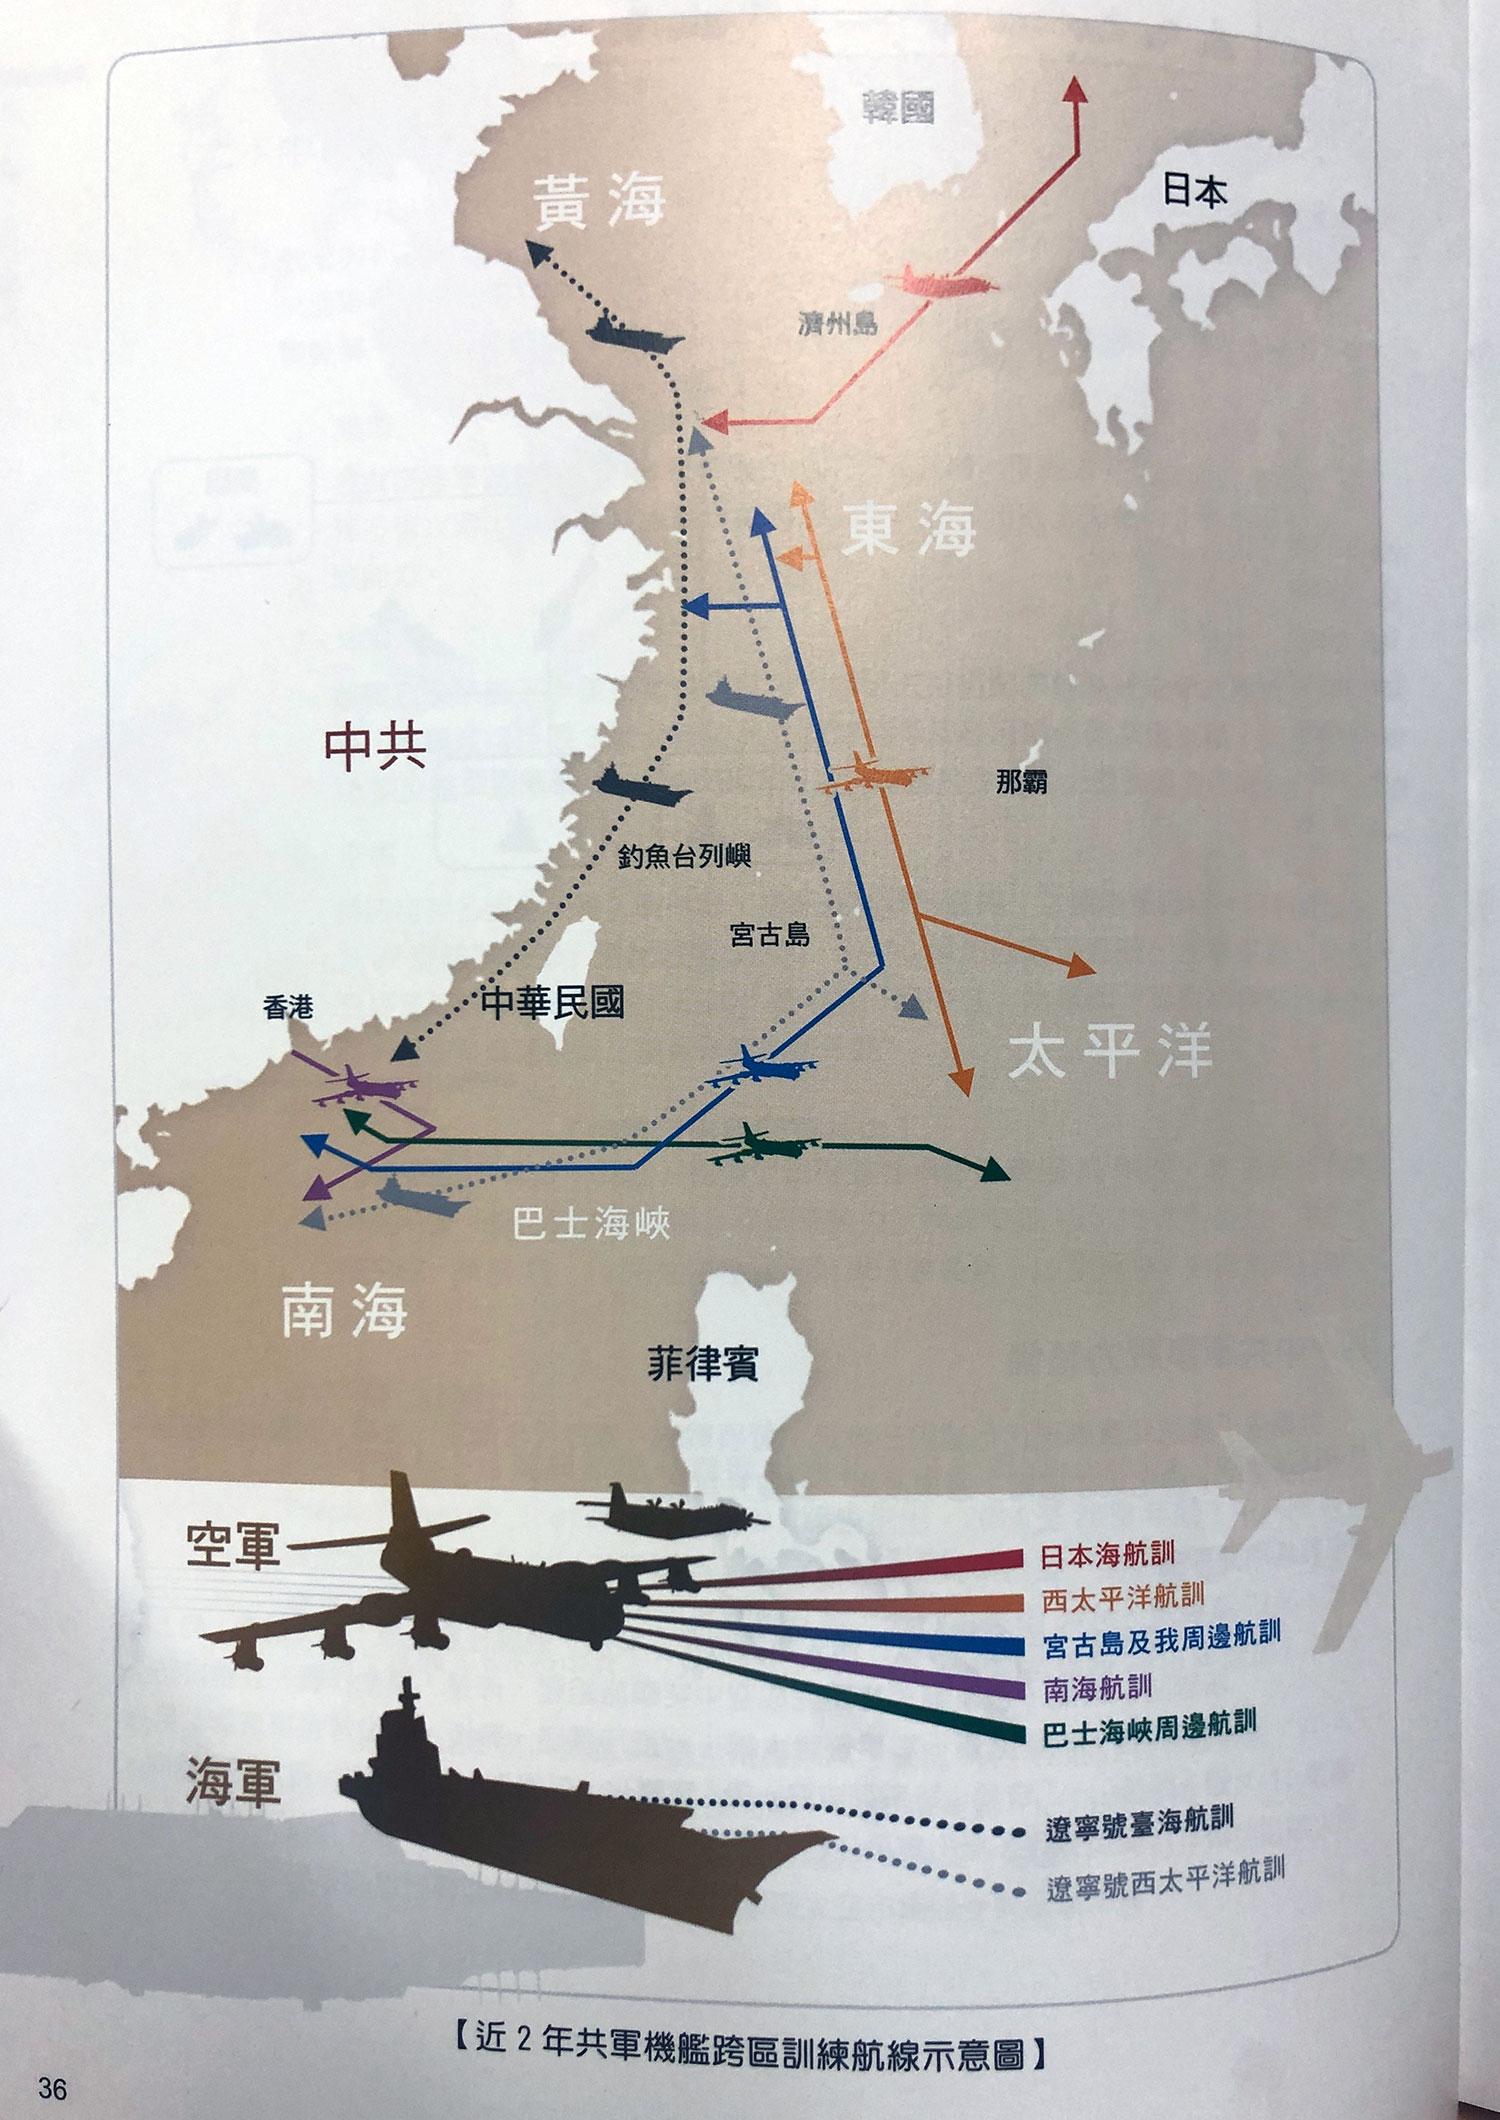 近两年共军机舰跨区训练航线示意图。(记者夏小华摄)